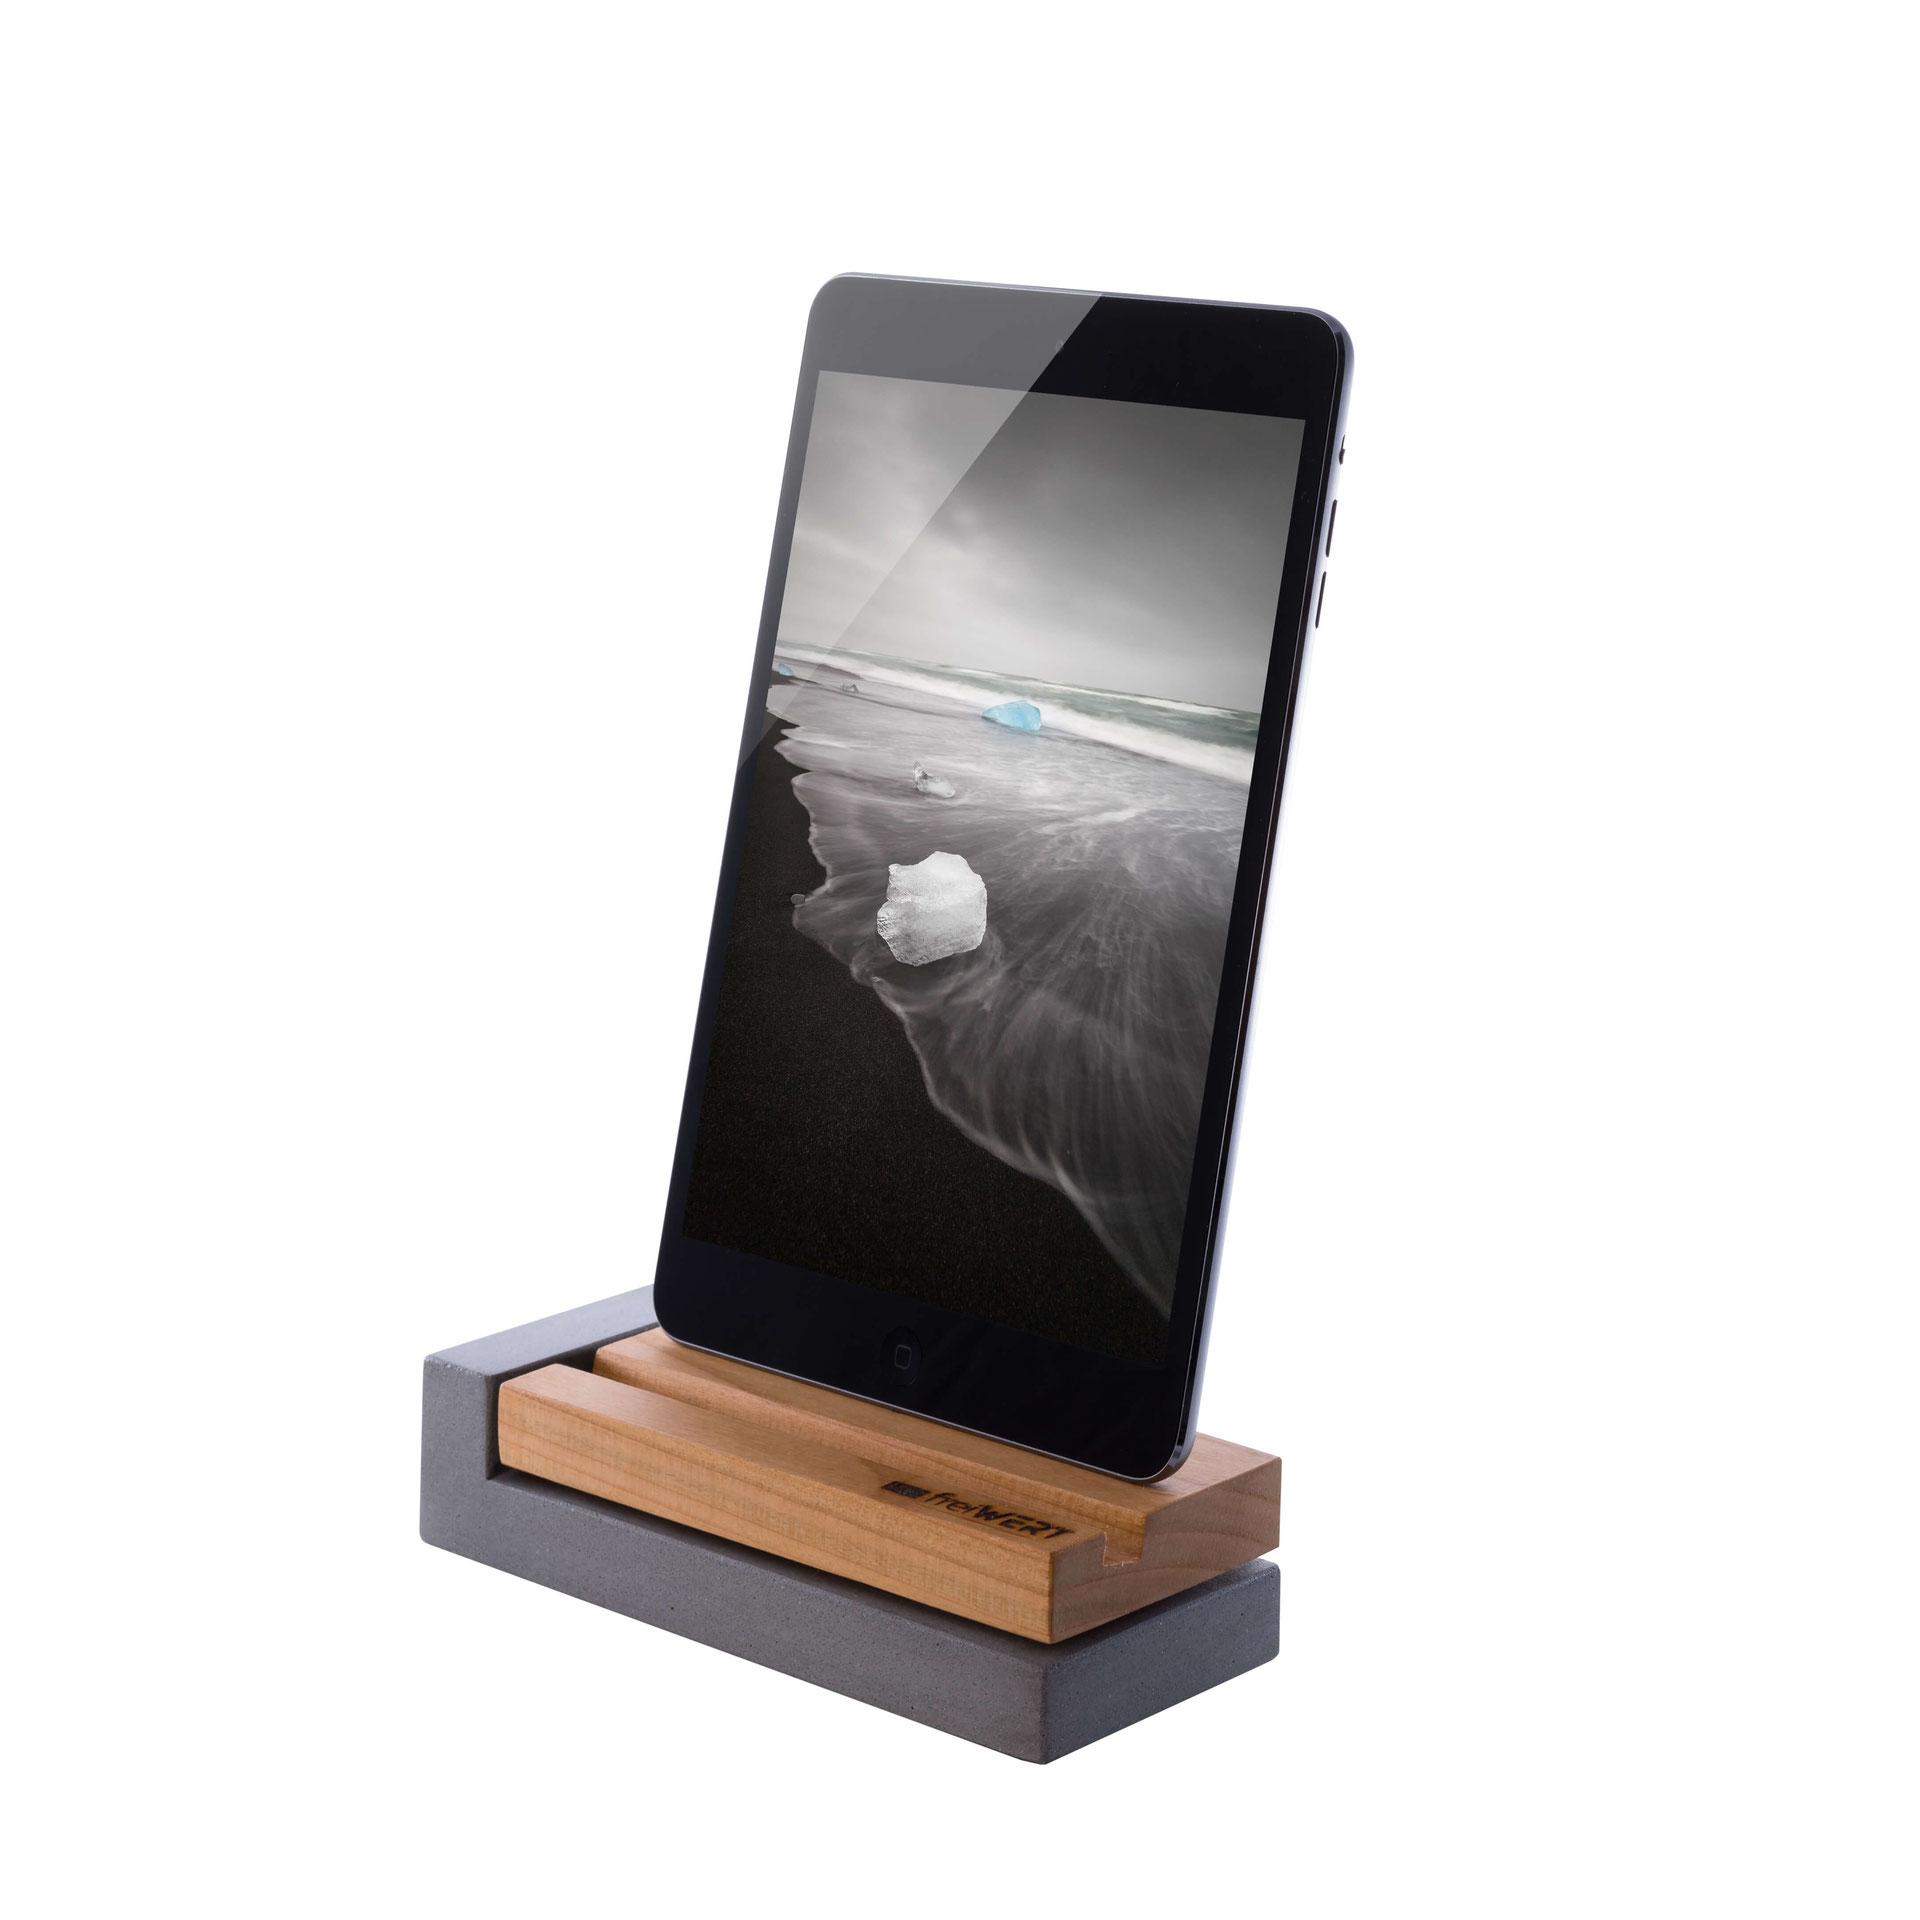 willkommen freiwert iphone ladestation aus holz und beton. Black Bedroom Furniture Sets. Home Design Ideas